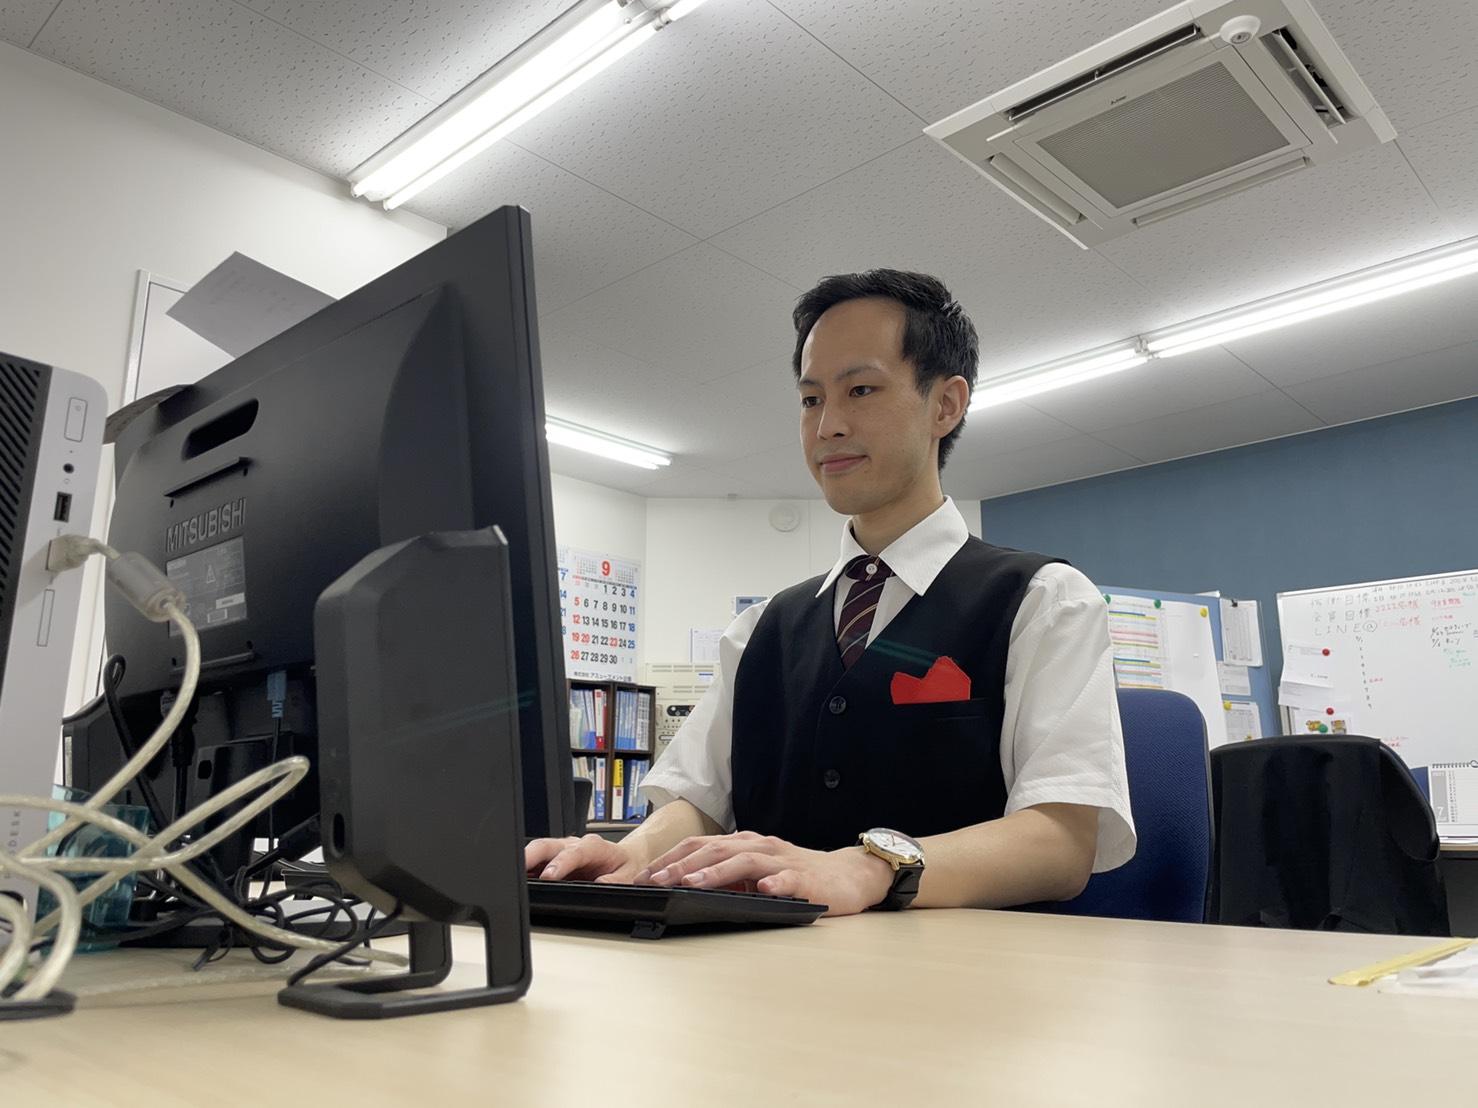 ホール内の管理や、データの確認、各種書類の作成を行っています。